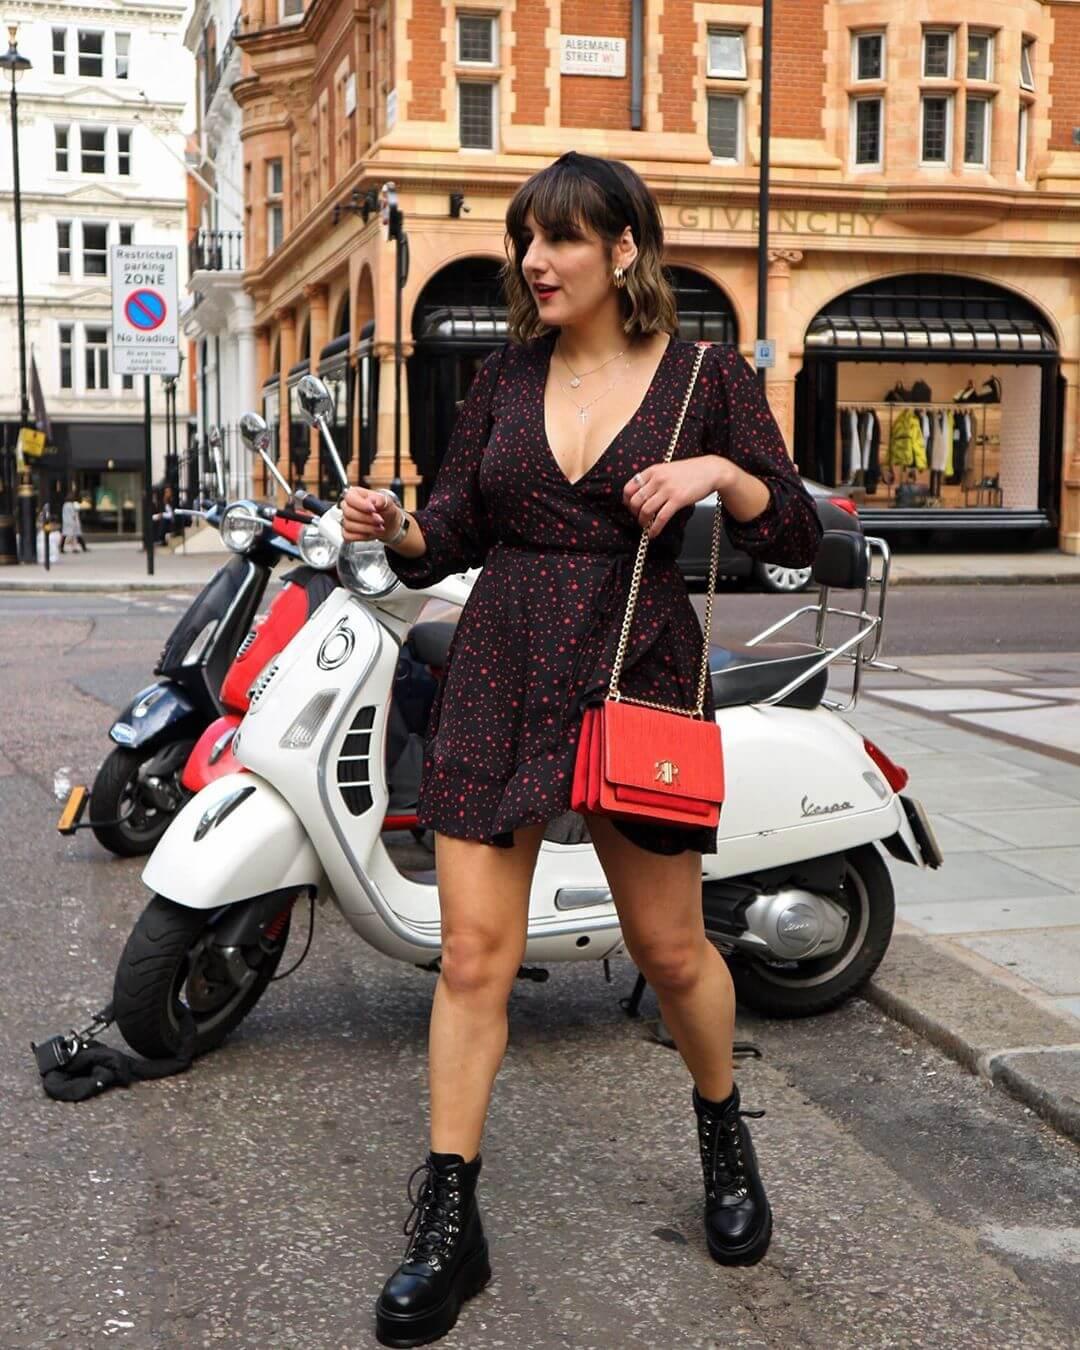 London influencer wears starry wrap mini dress posing in the street